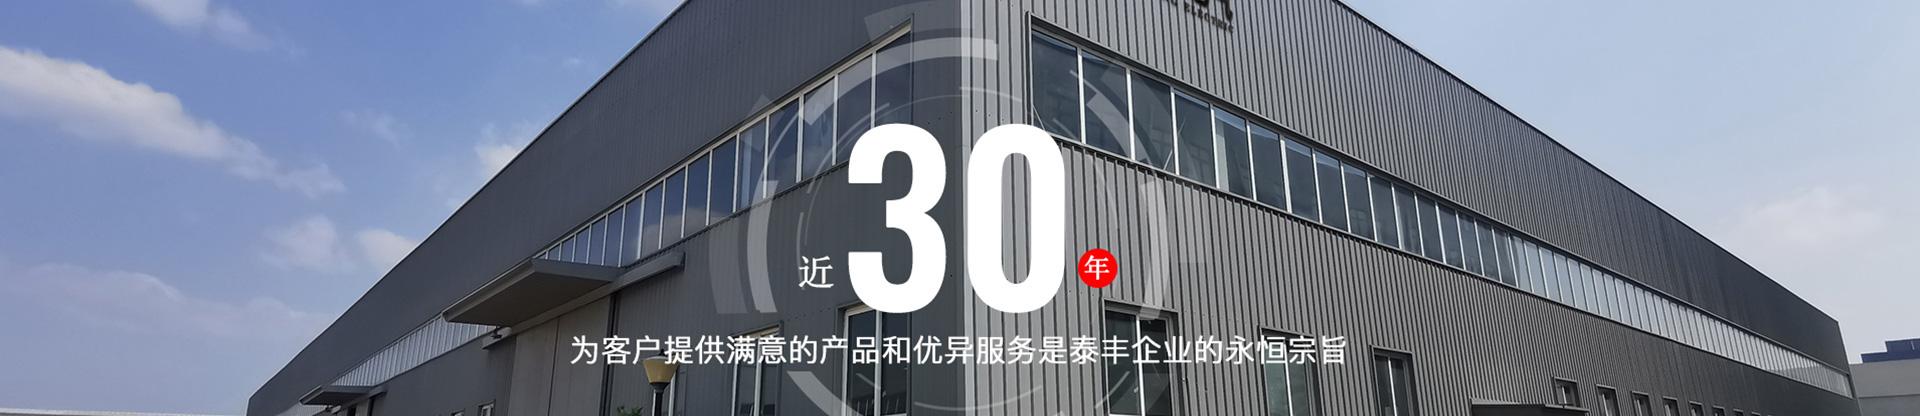 沈阳泰丰电气有限公司